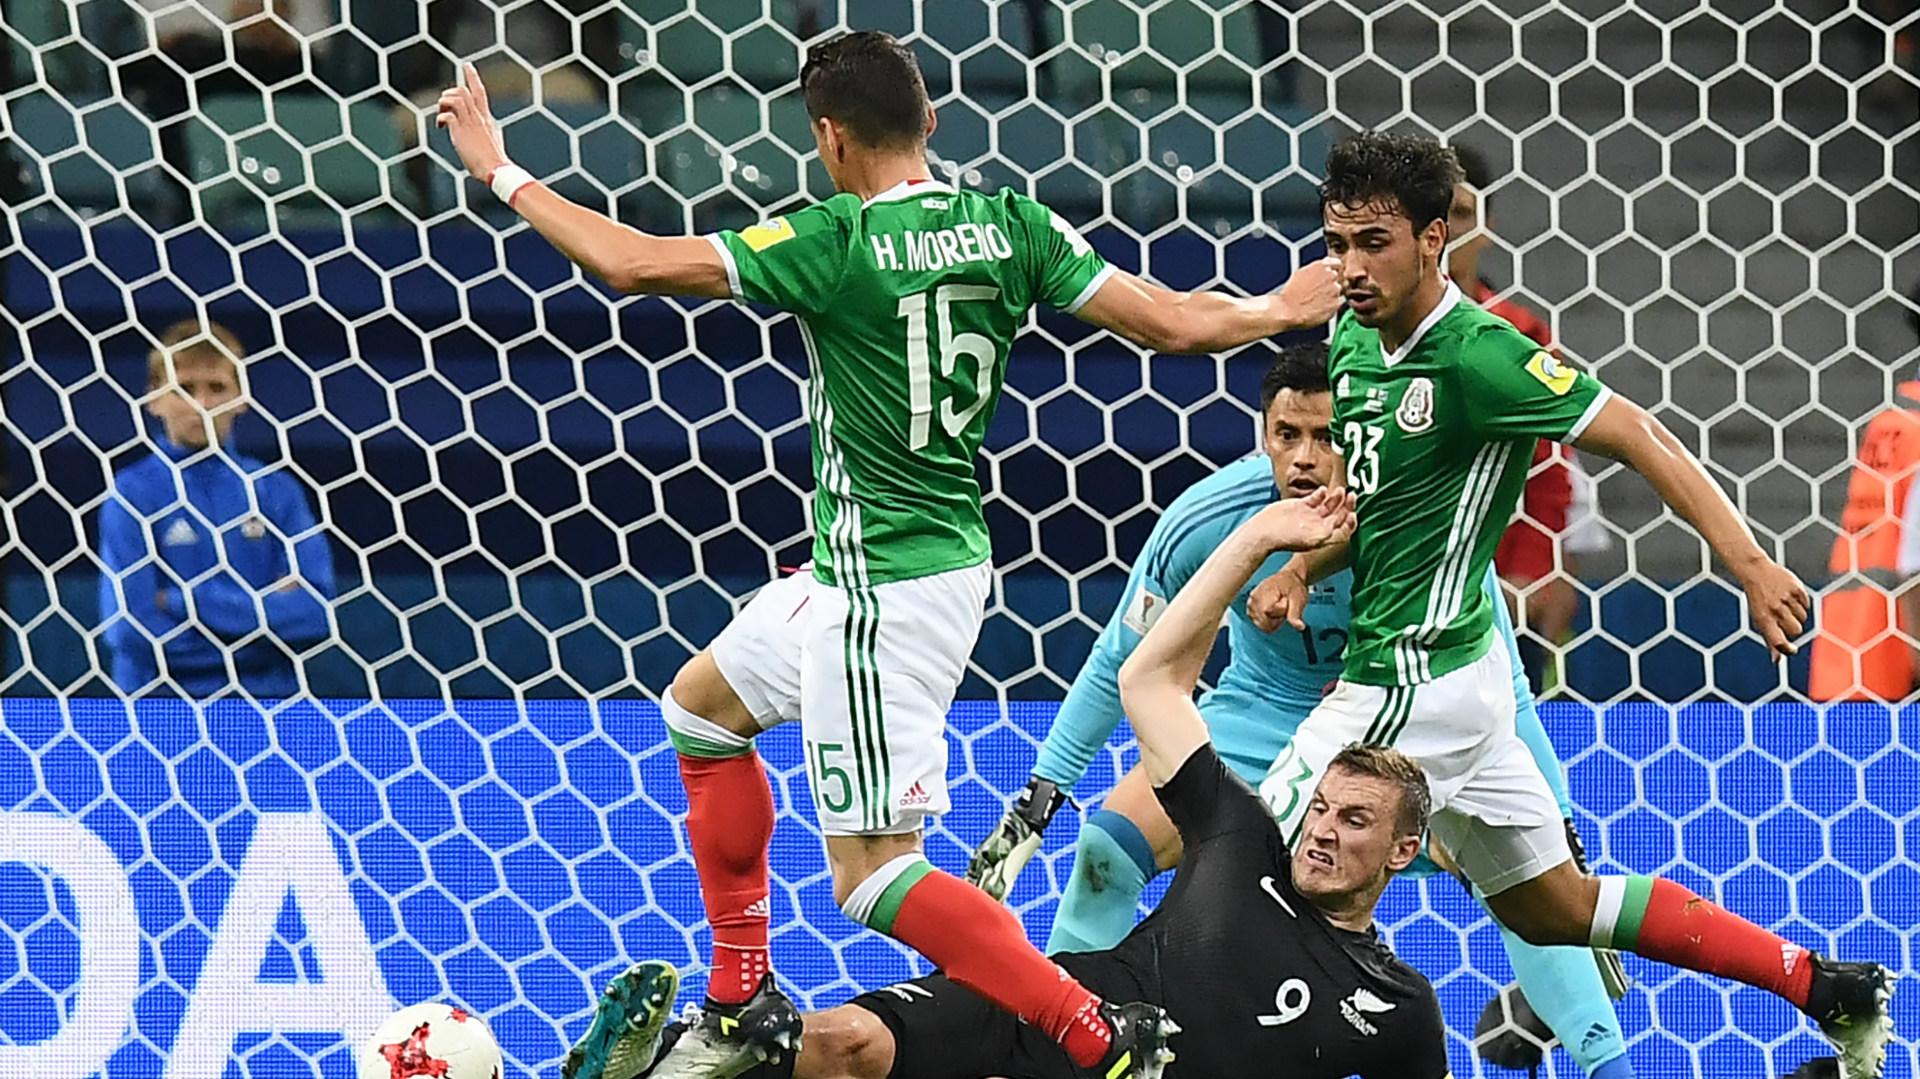 Confederations Cup: Portugal coach Fernando Santos backs Cristiano Ronaldo over media snub